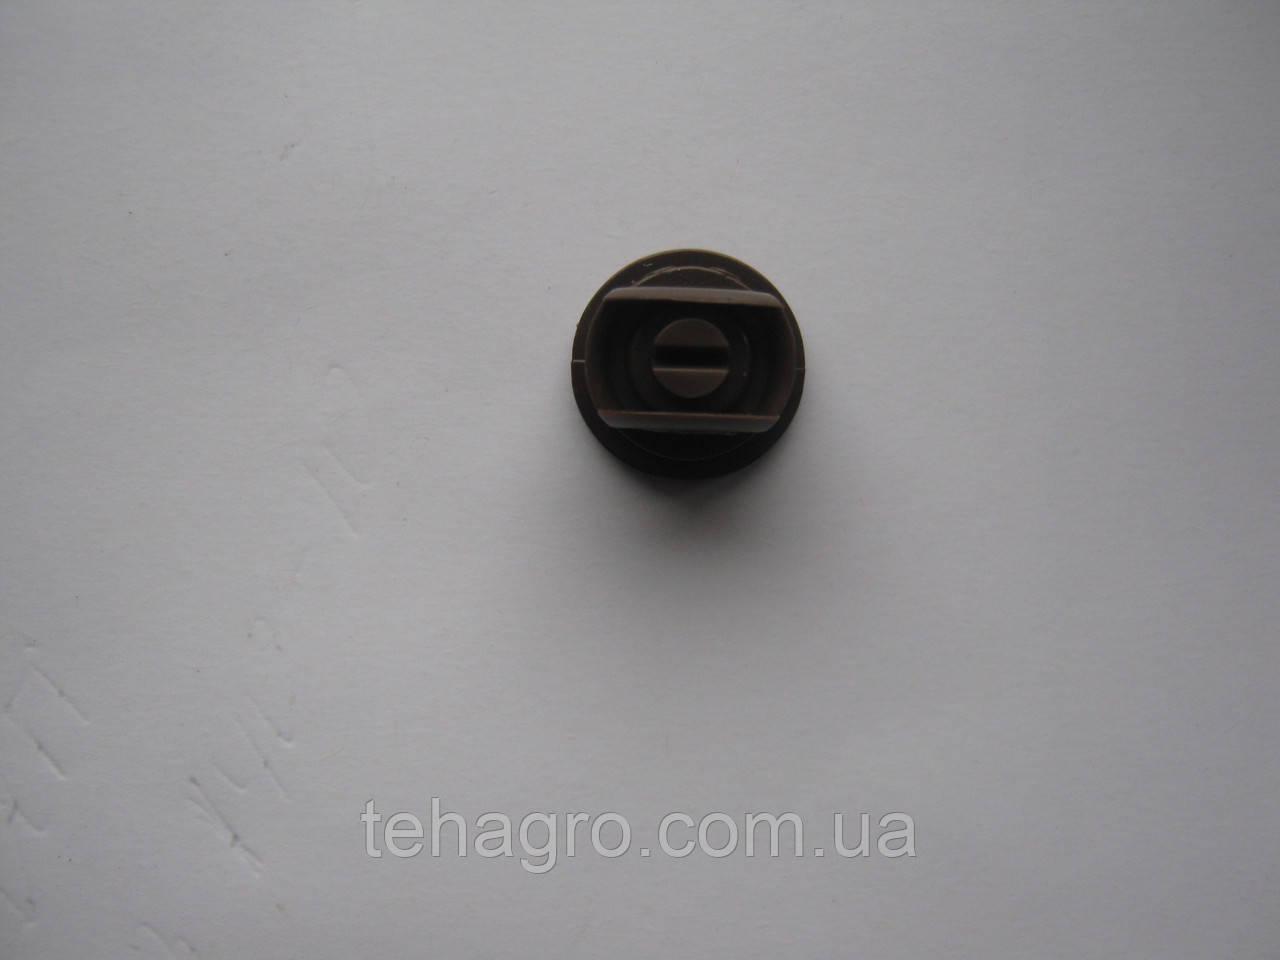 Жиклер щелевой коричневый ( распылитель щелевой) 120 АР 05